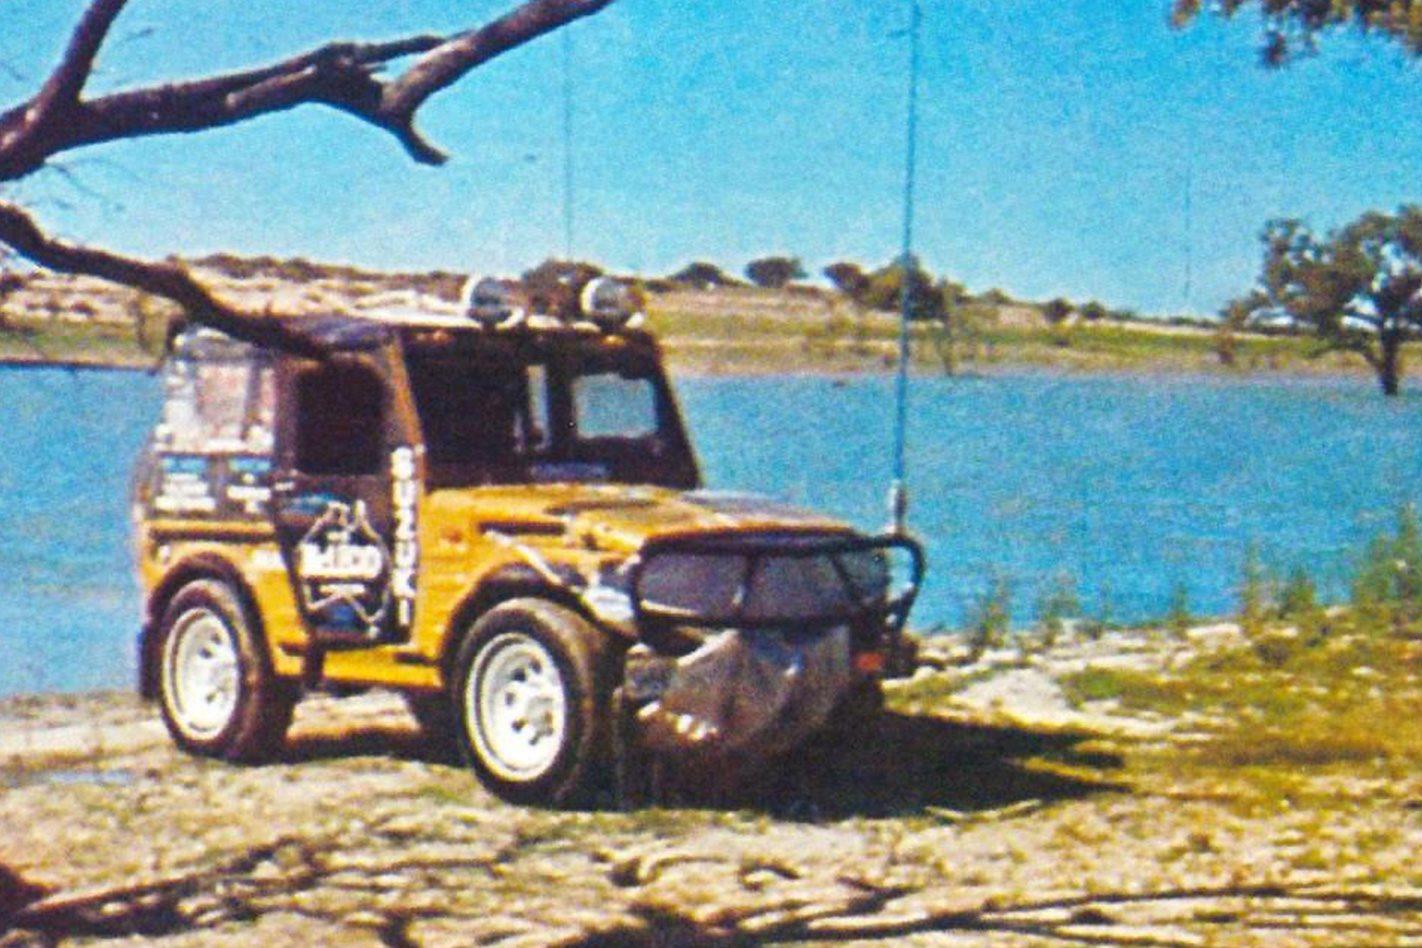 The-little-Suzuki-1977.jpg